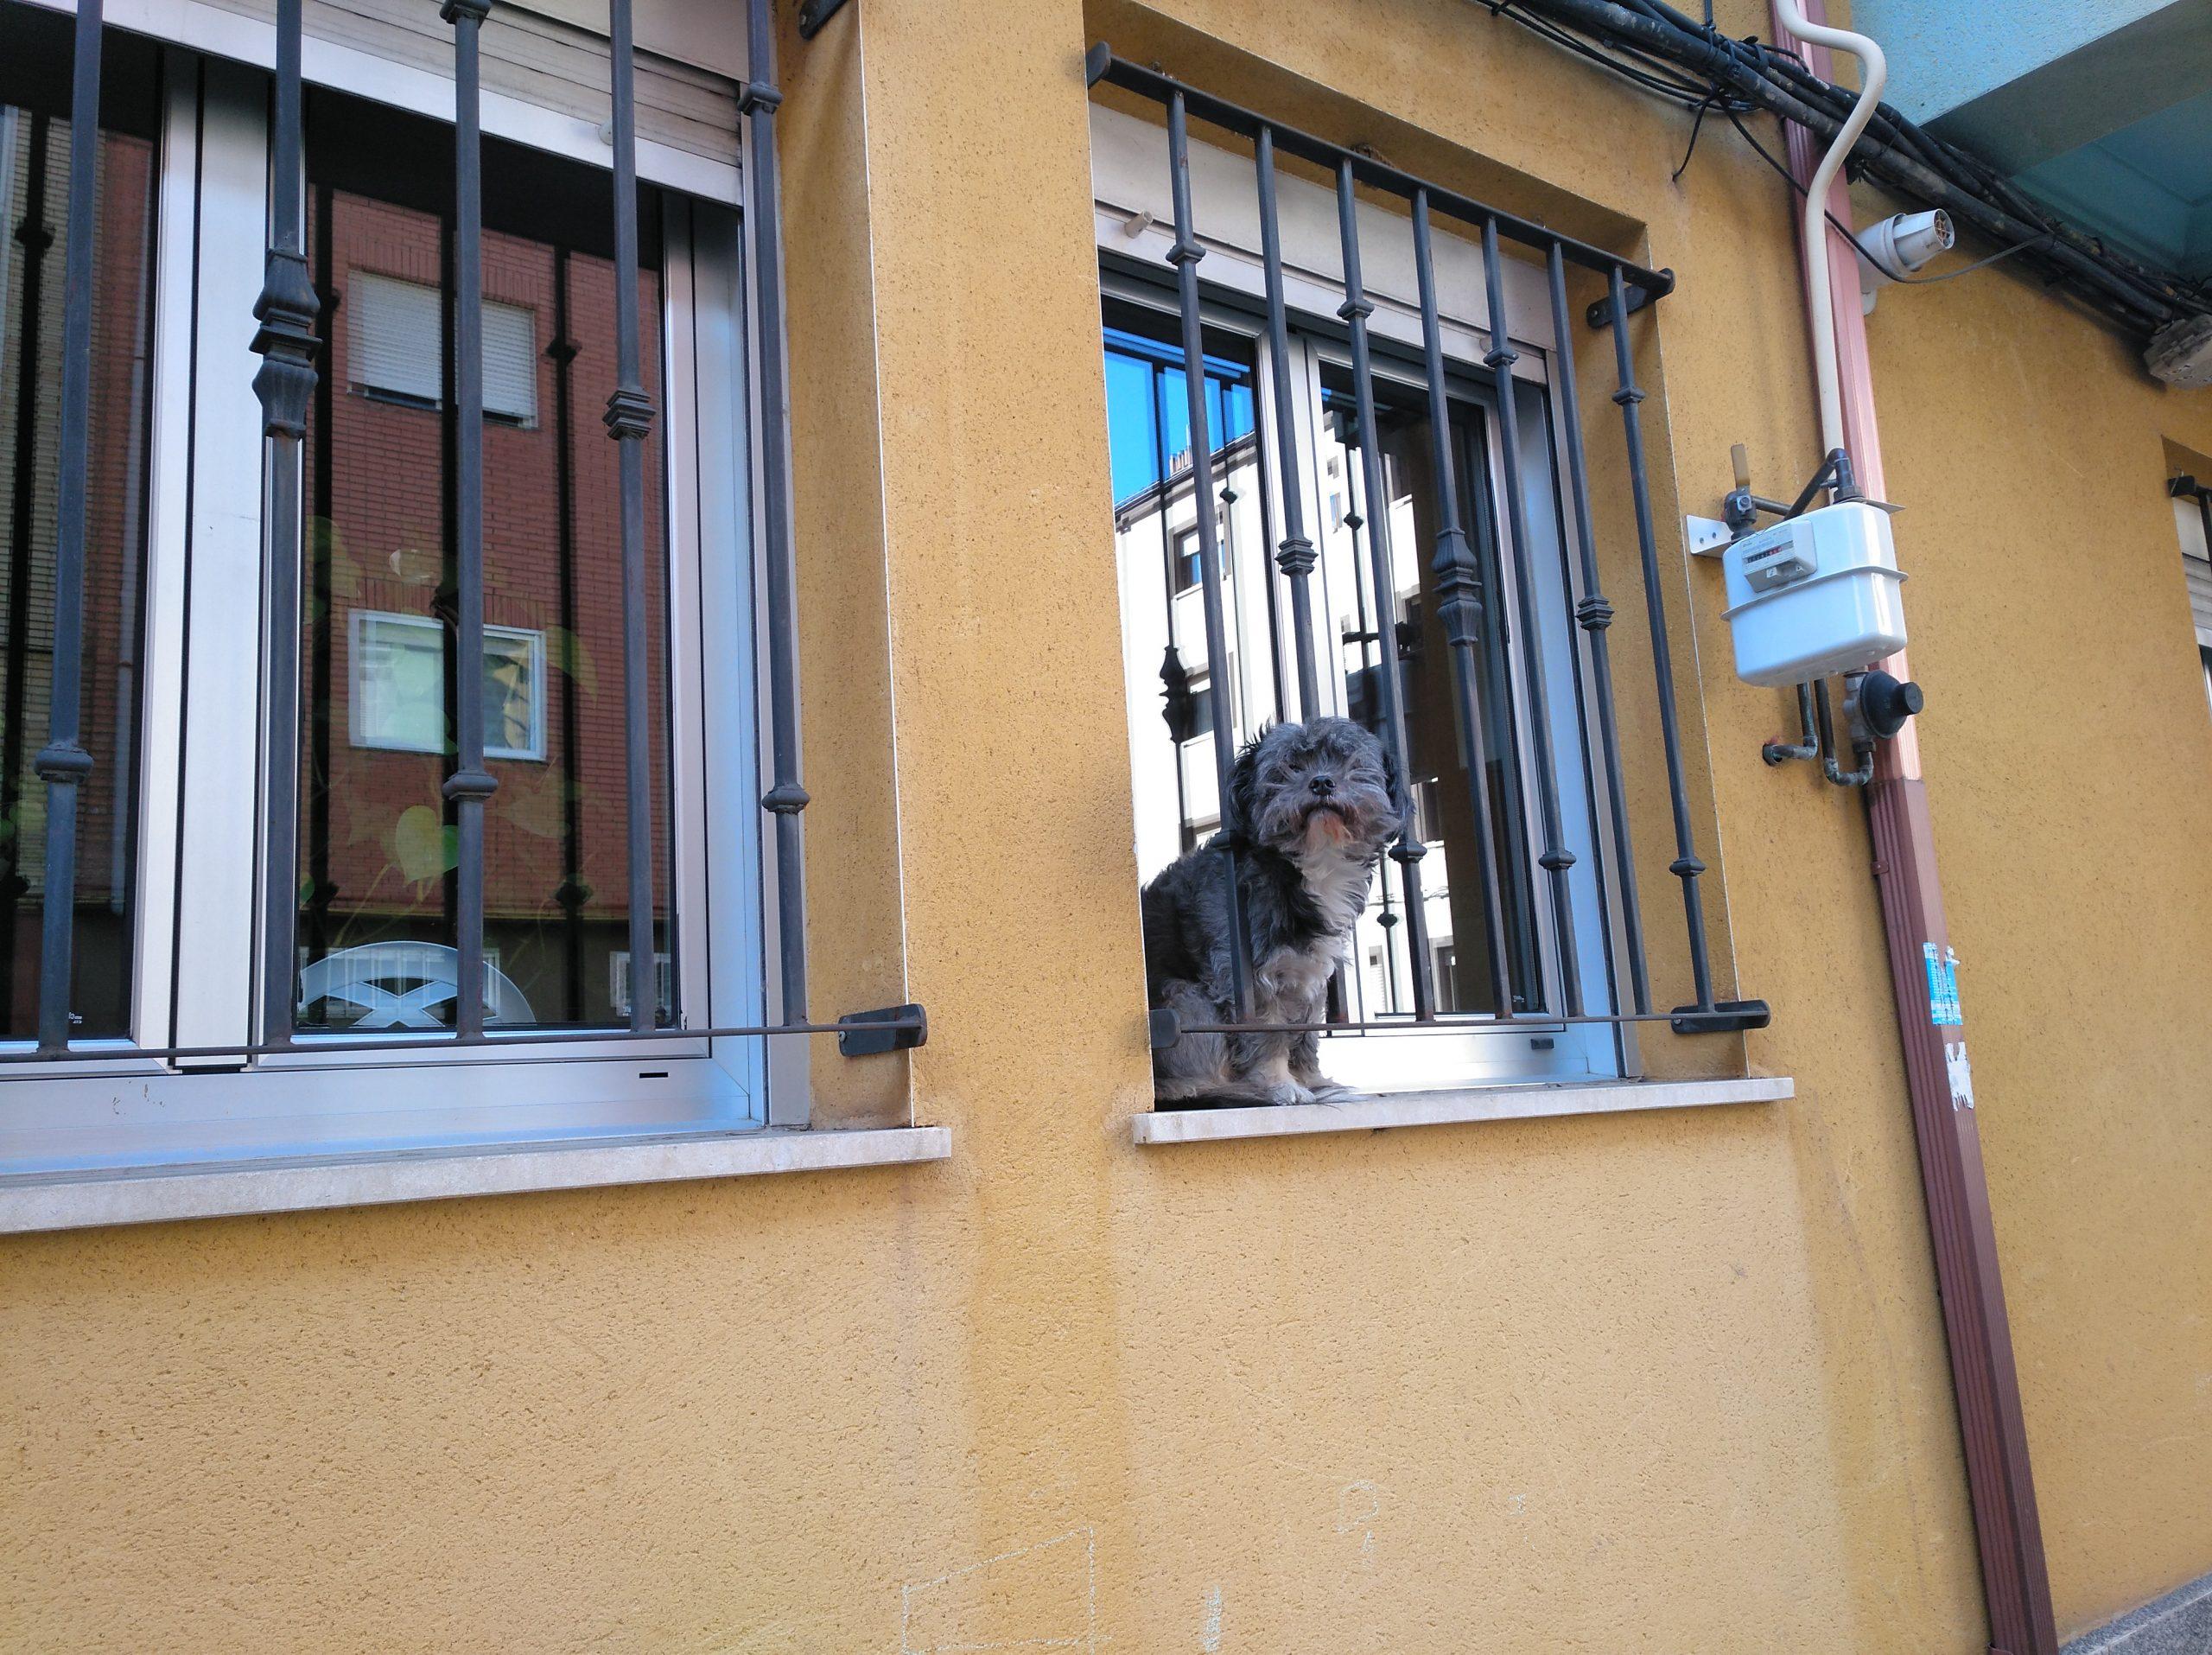 Posible maltrato animal a plena luz del día en la Avenida Doctor Fleming